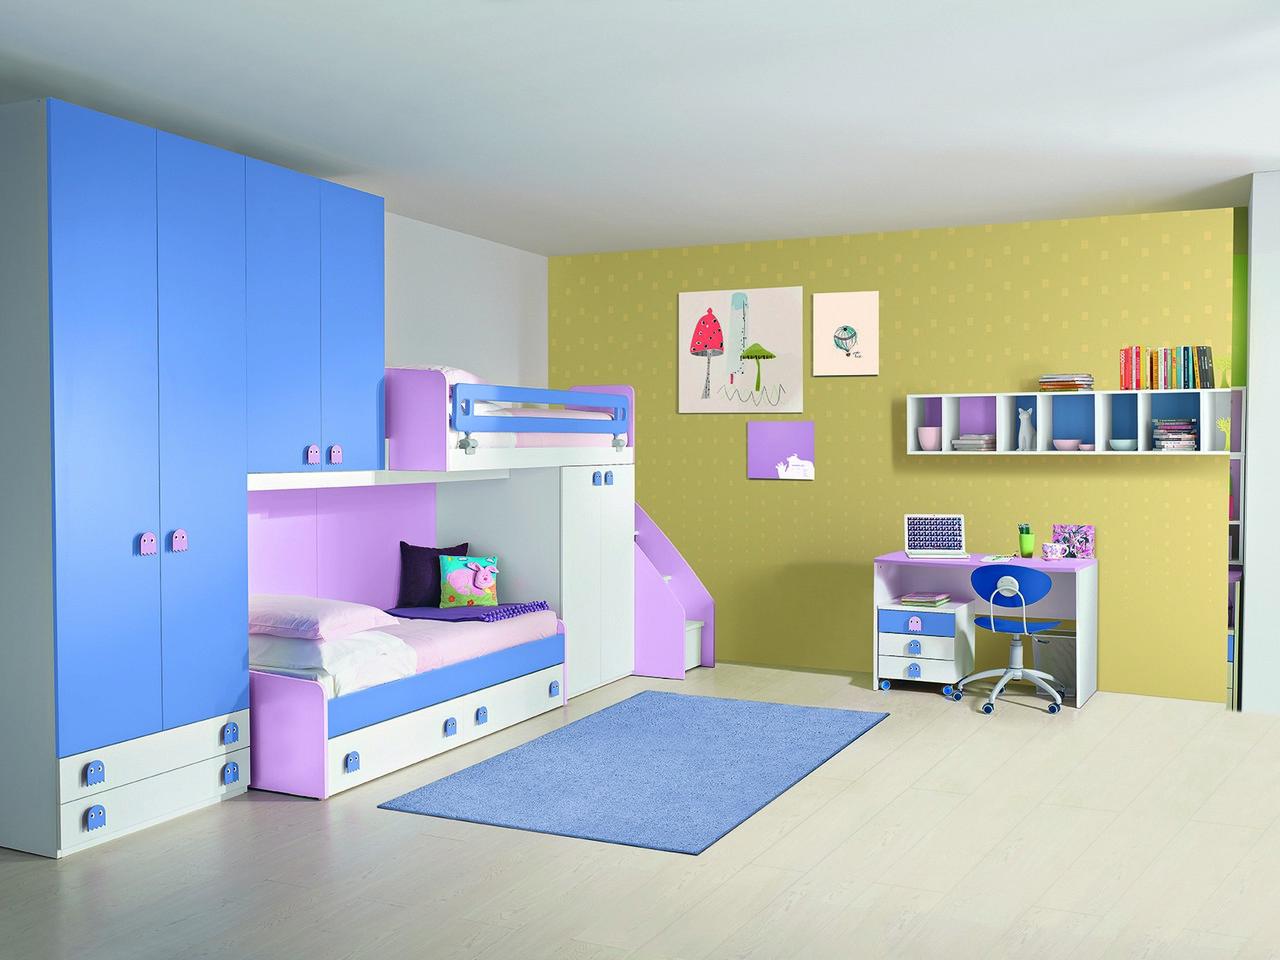 Camerette per bambini colombini camerette per bambini - Colombini camerette prezzi ...